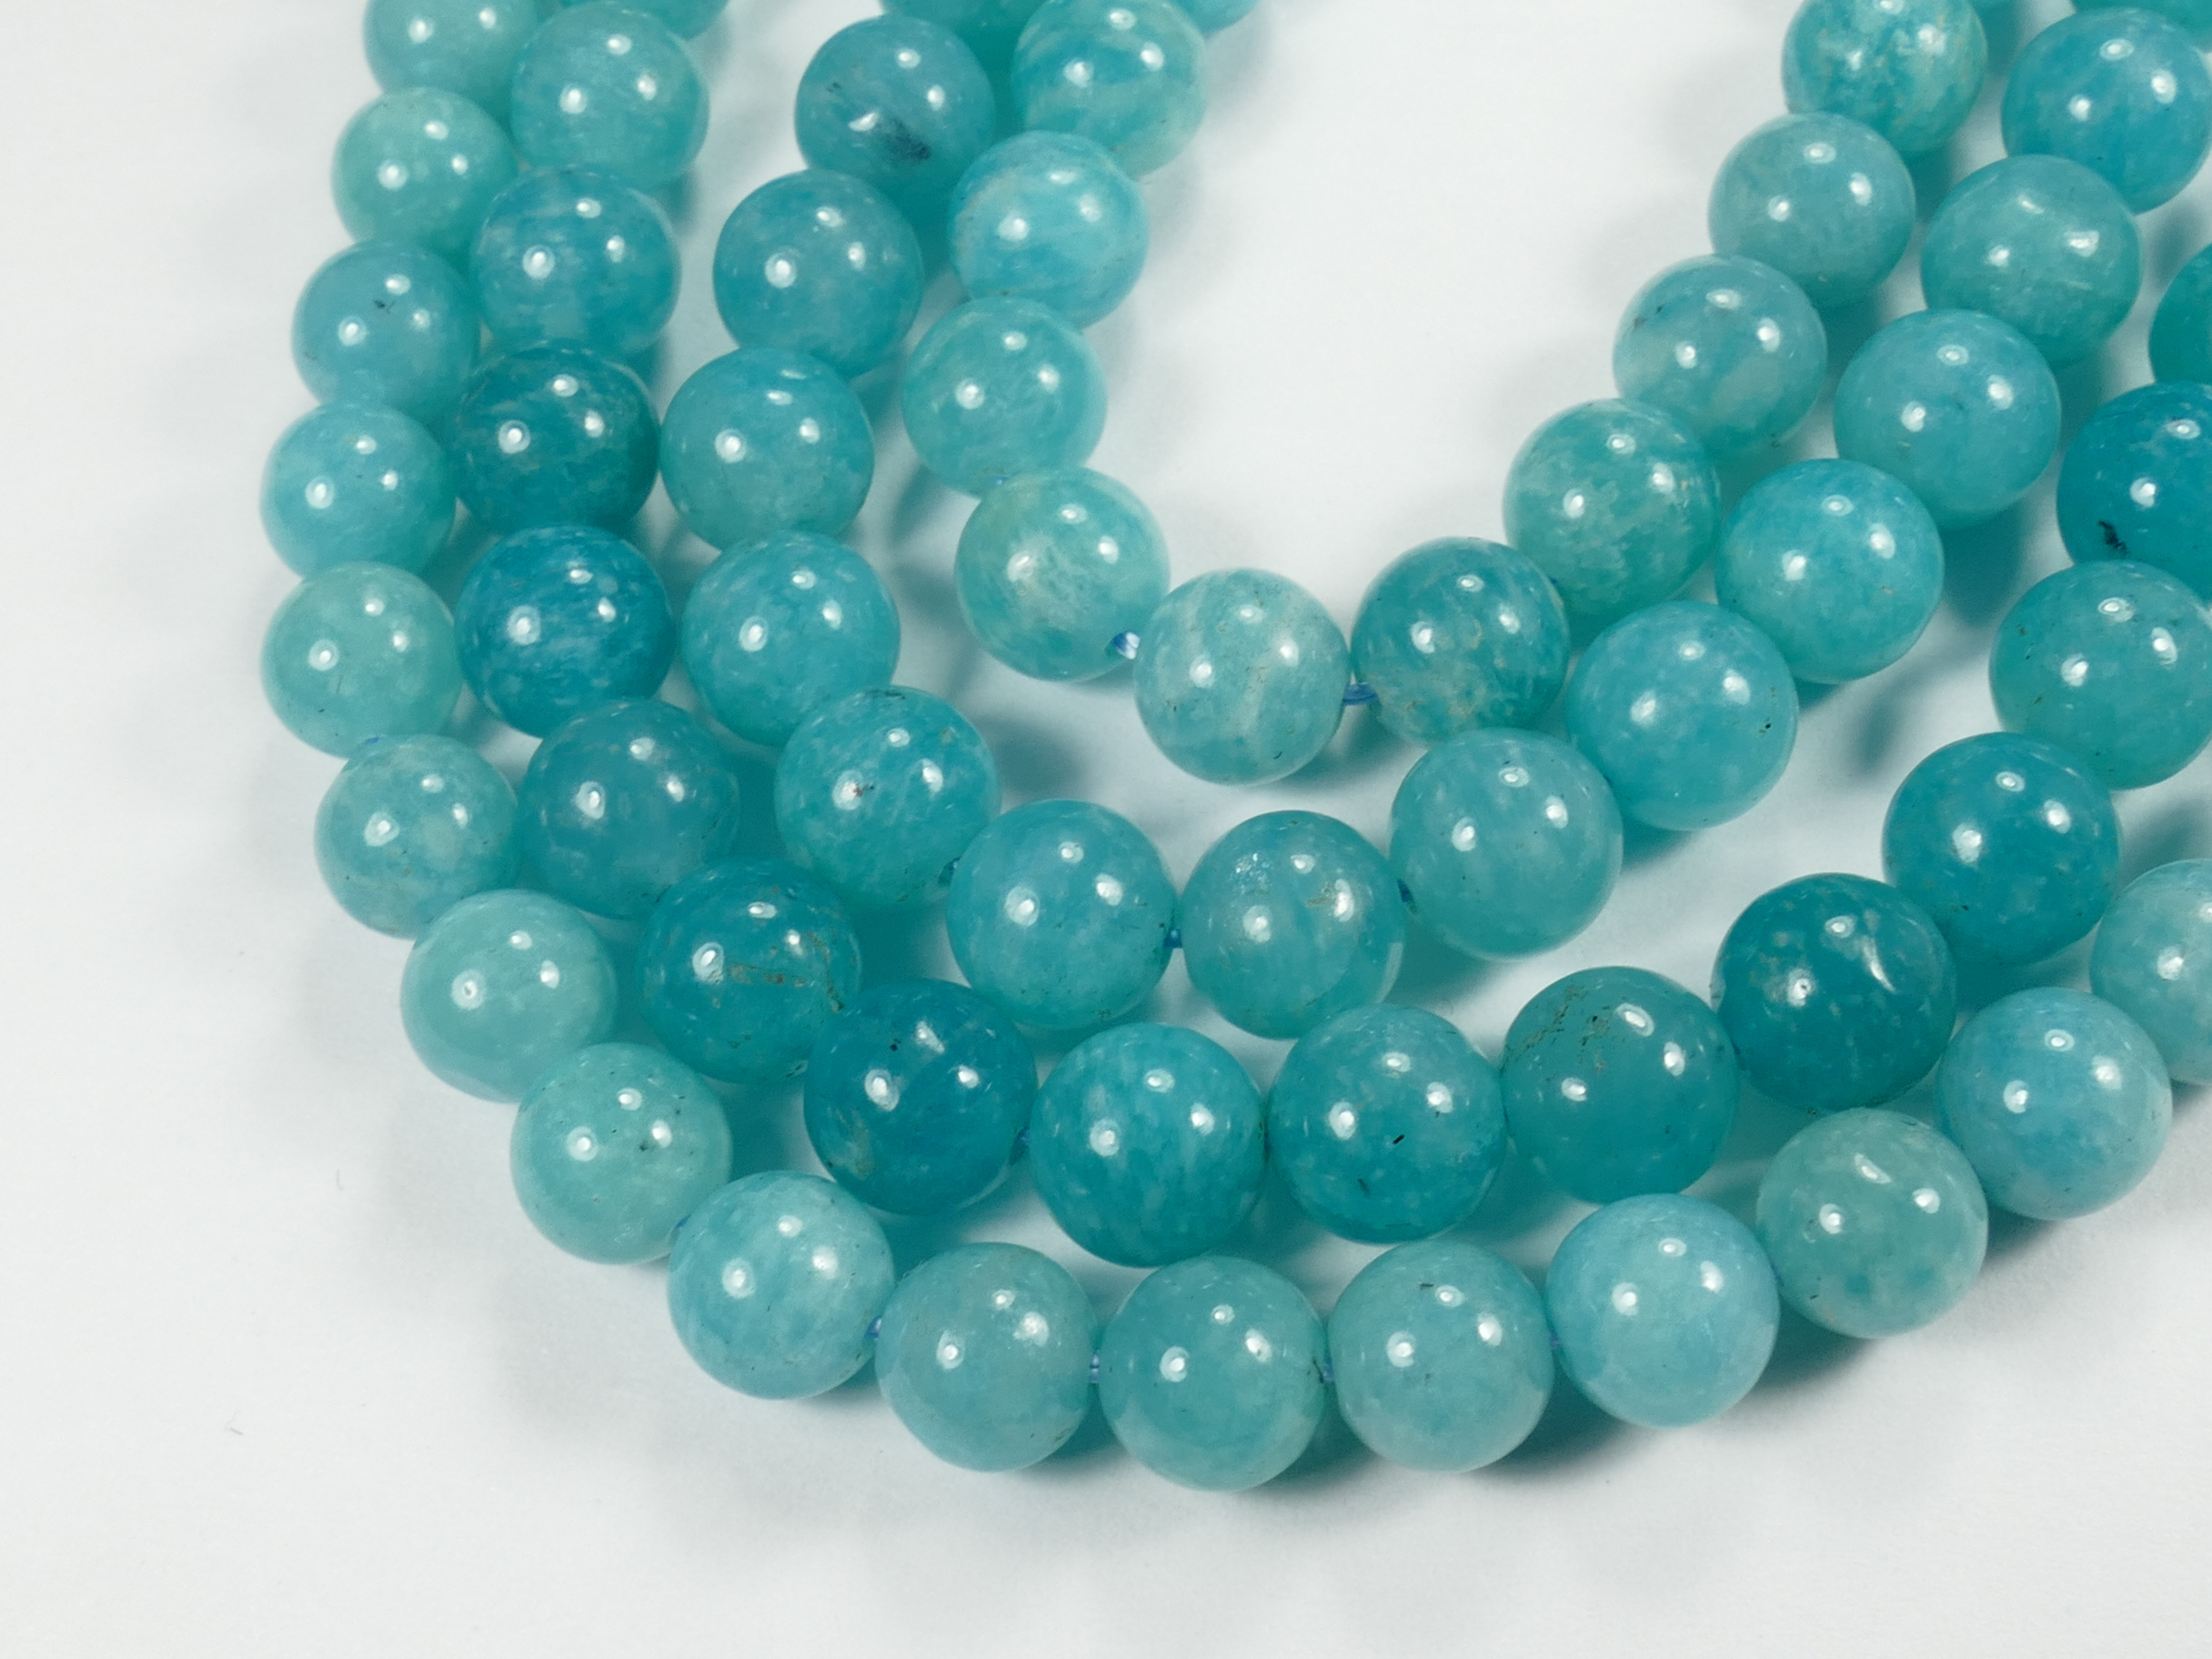 6.5/7.2mm x13 Perles d\'Amazonite naturelle bleu intense en boule / ronde Brésil (#AC772)